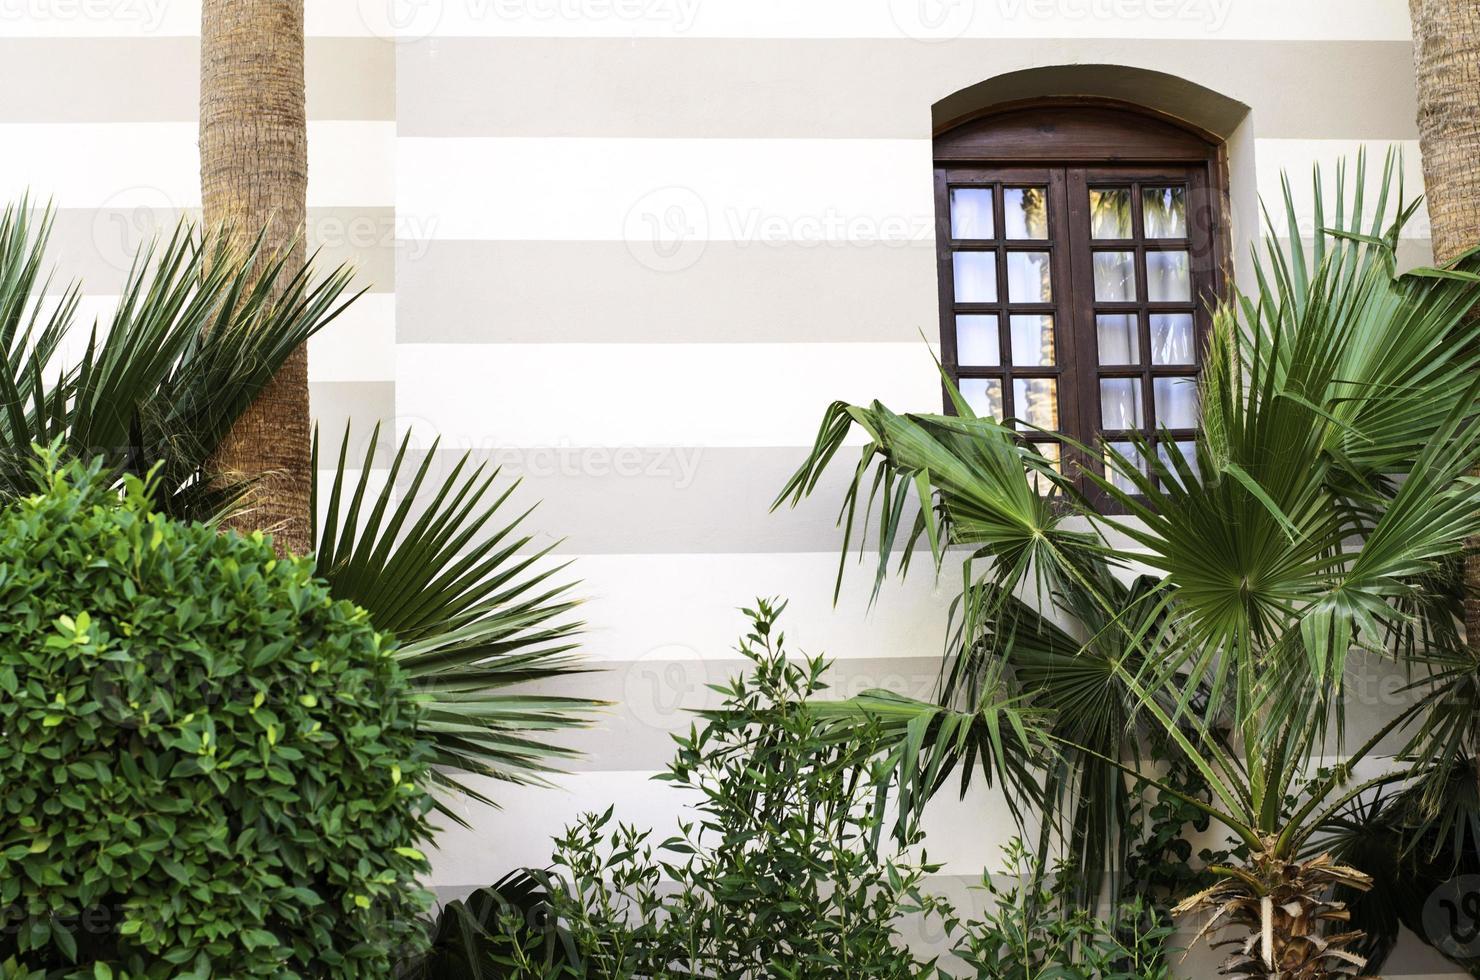 das Fenster im Gebäude. foto